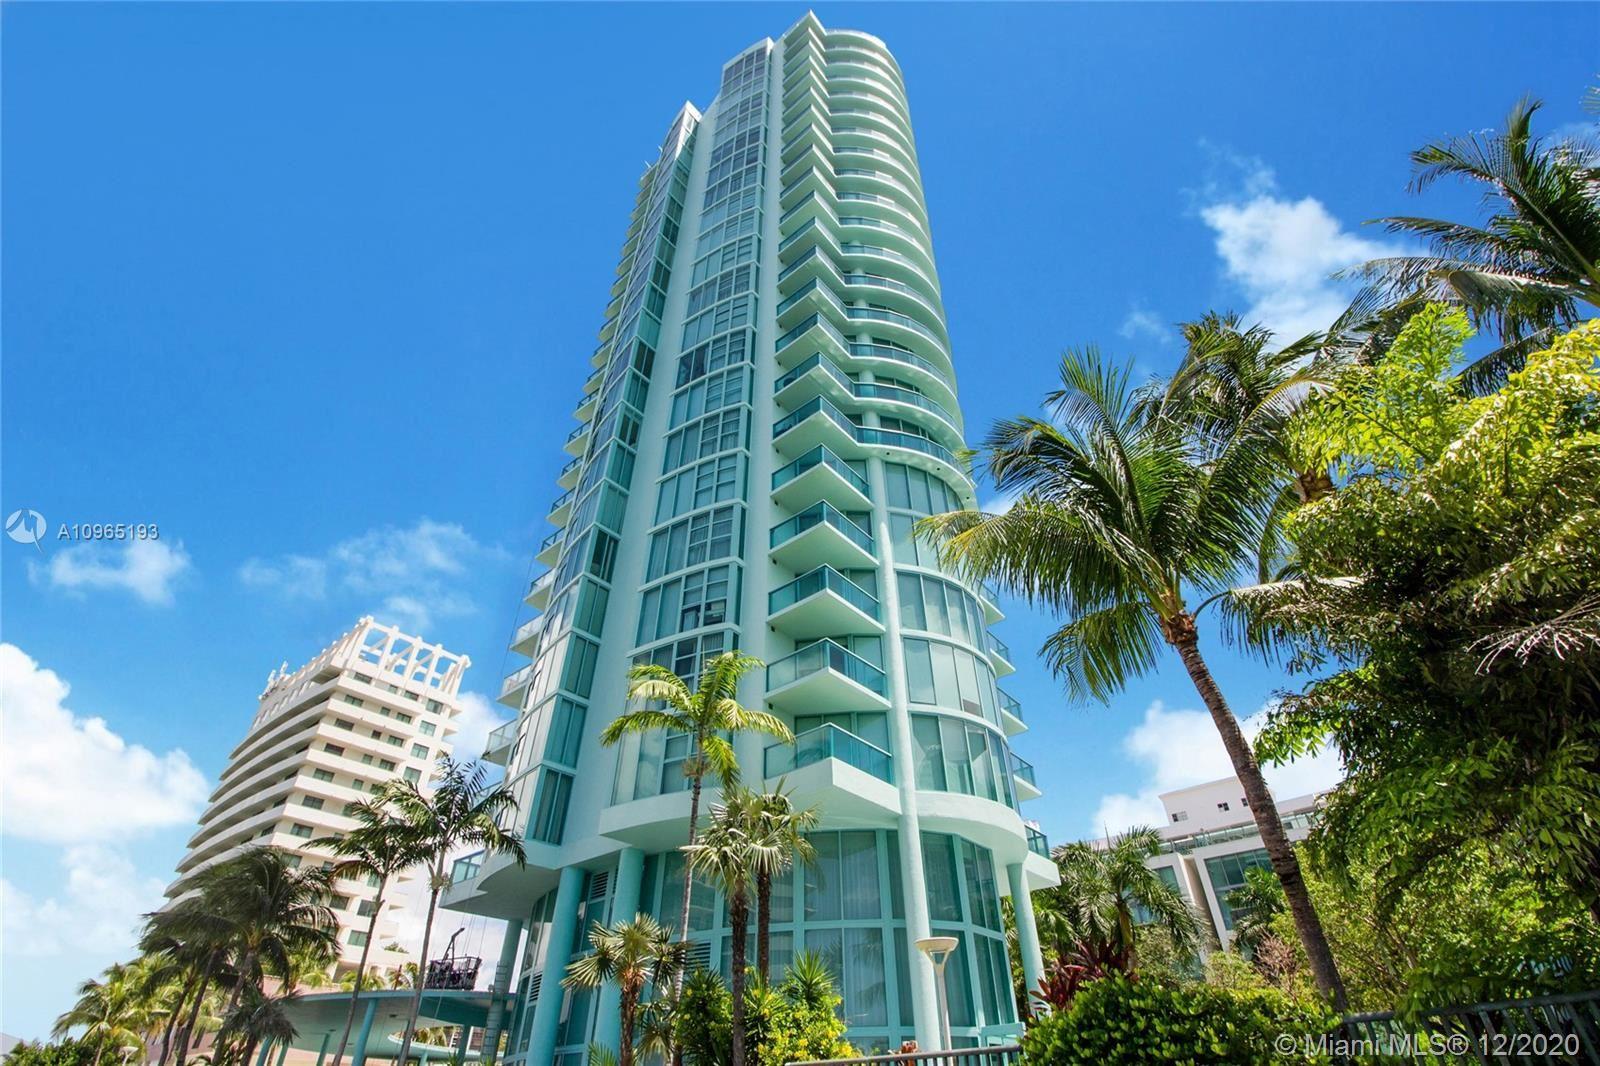 6000 Indian Creek Dr #2401, Miami Beach, FL 33140 - #: A10965193